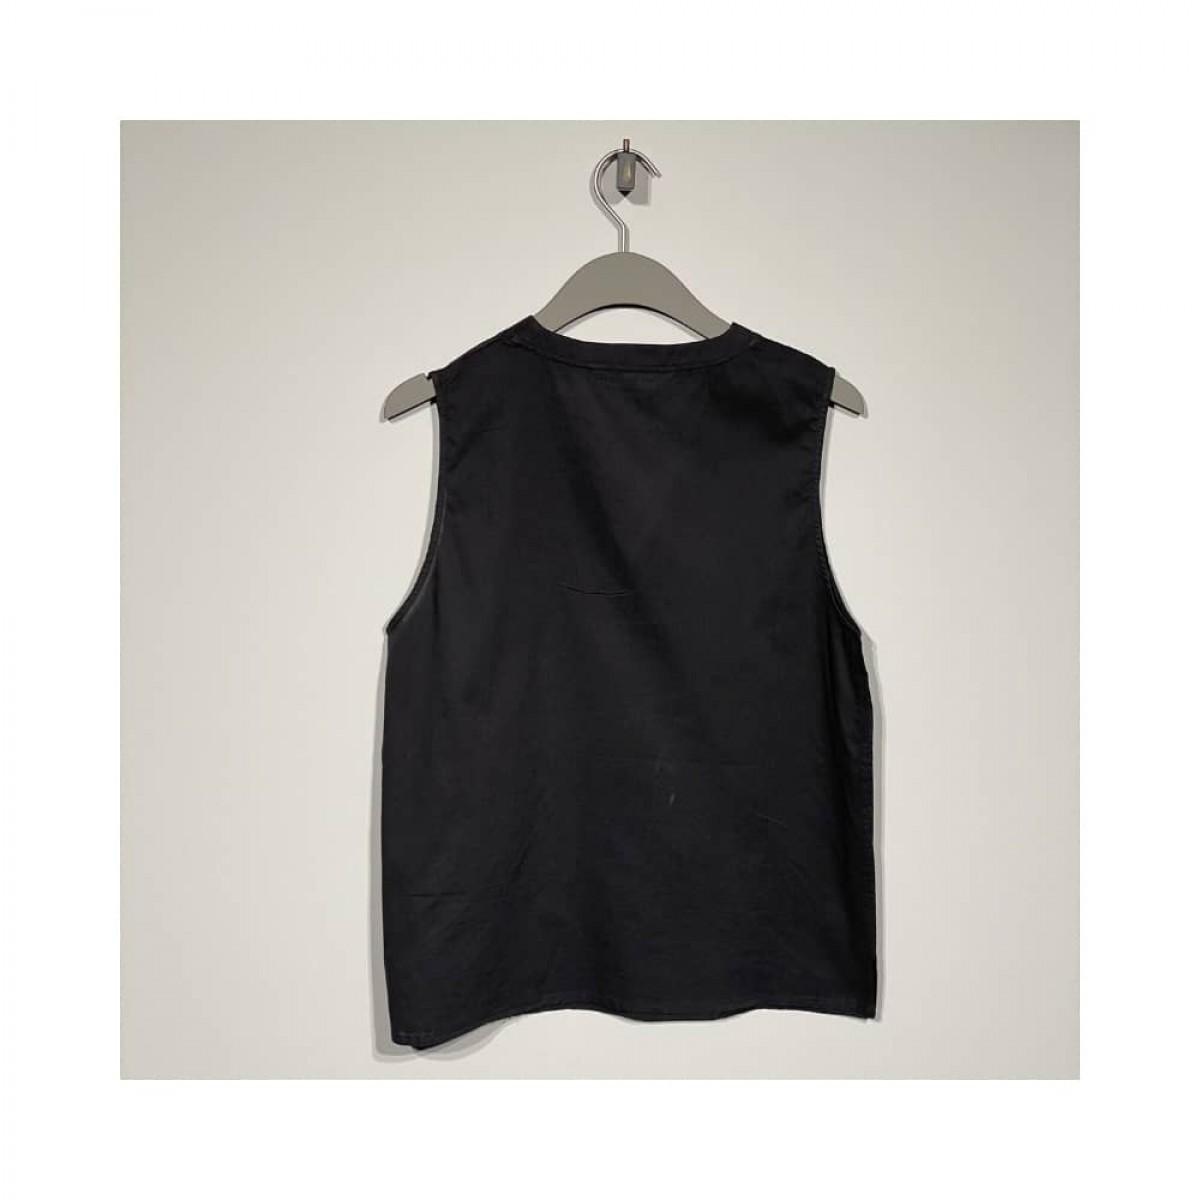 dagny top - black - bag